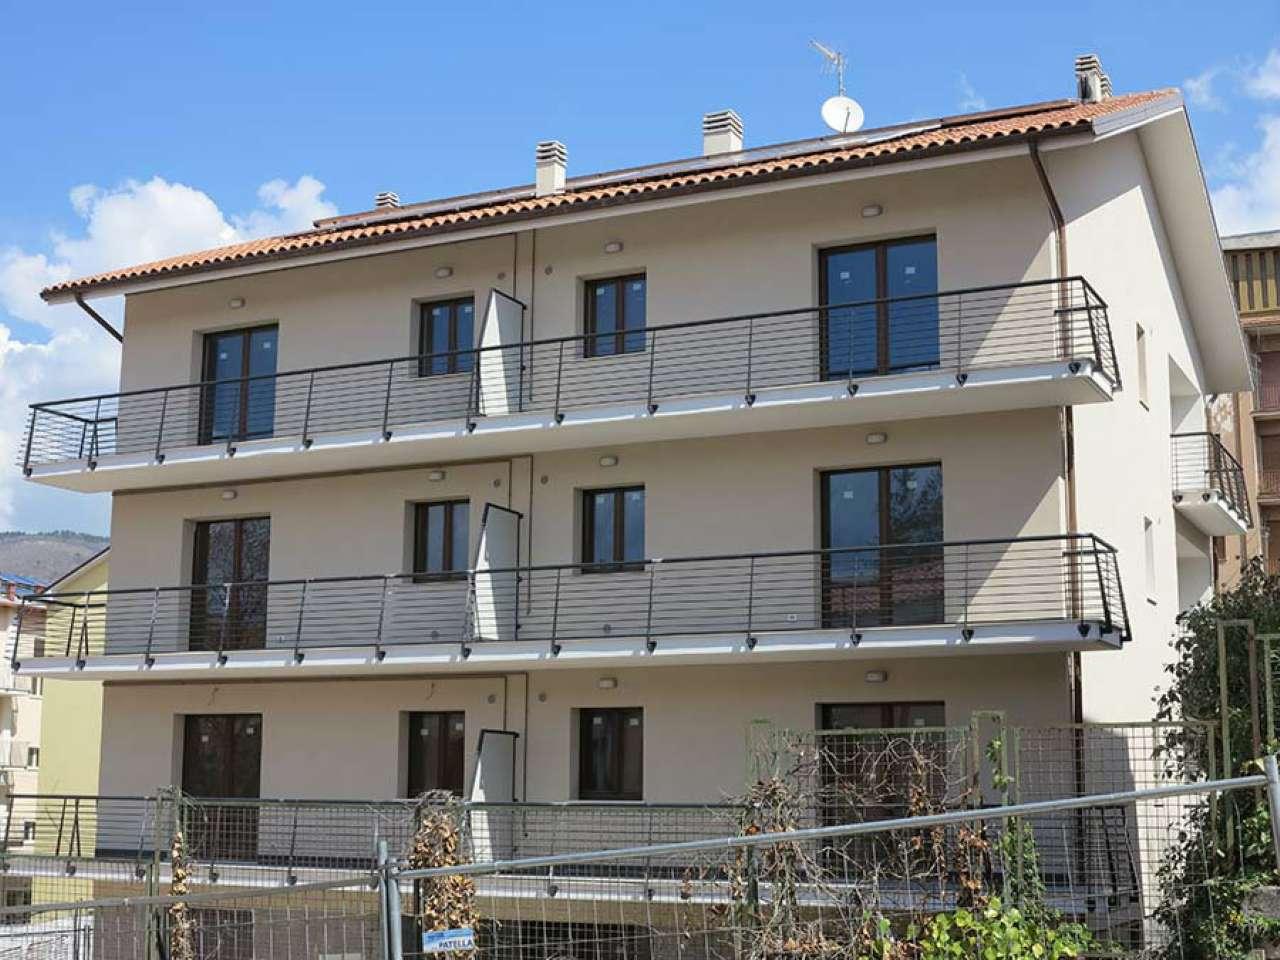 Appartamento in vendita a L'Aquila, 3 locali, prezzo € 160.000 | CambioCasa.it